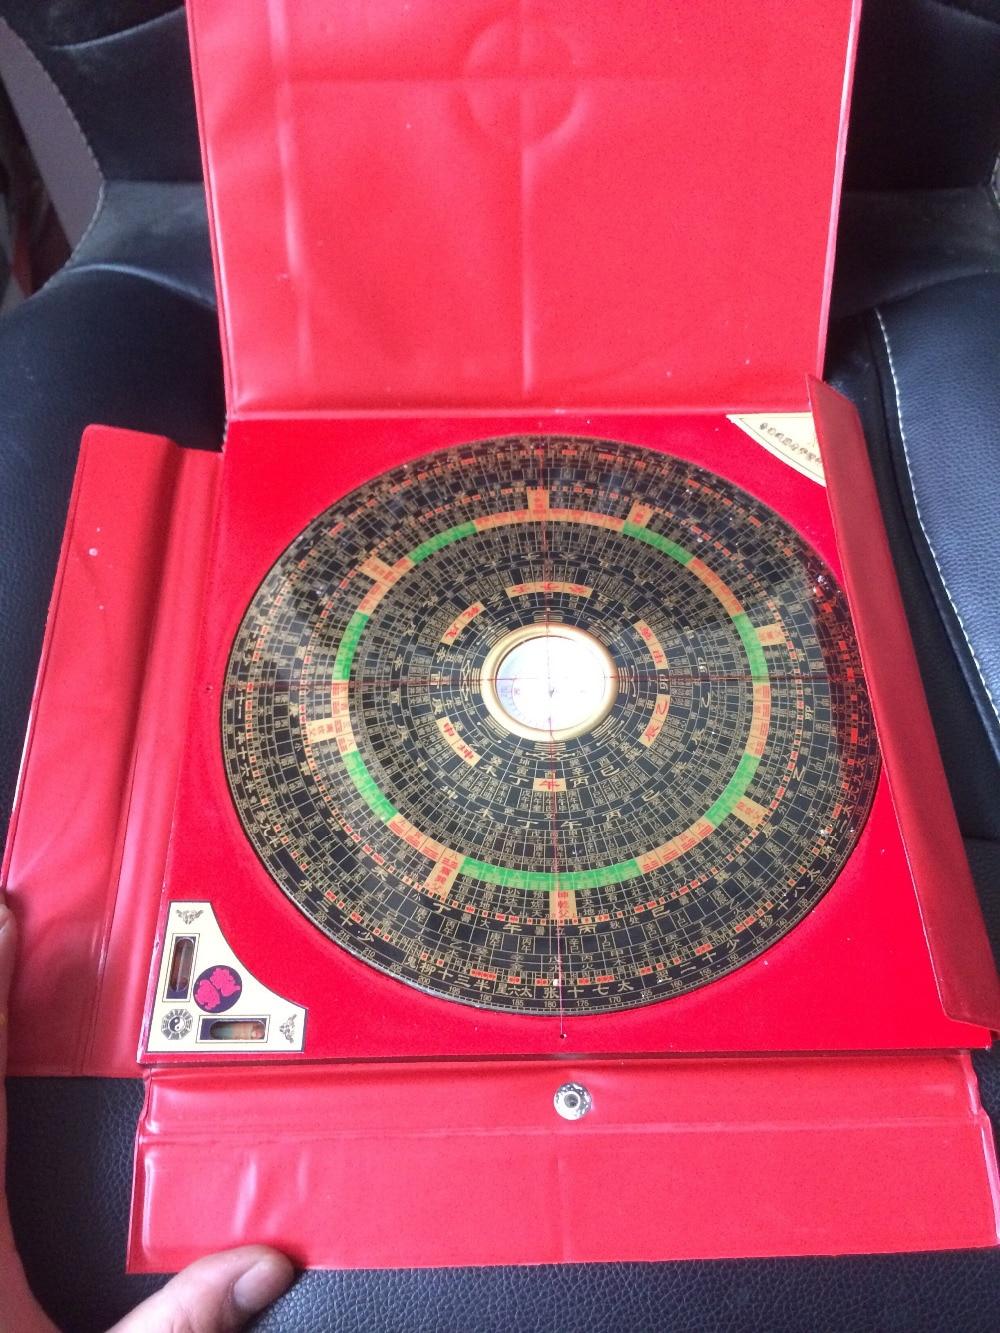 Chinois FENG SHUI Dragon métal & bois boussole magnétique en plastique rouge boîtier nouveau métal artisanat.